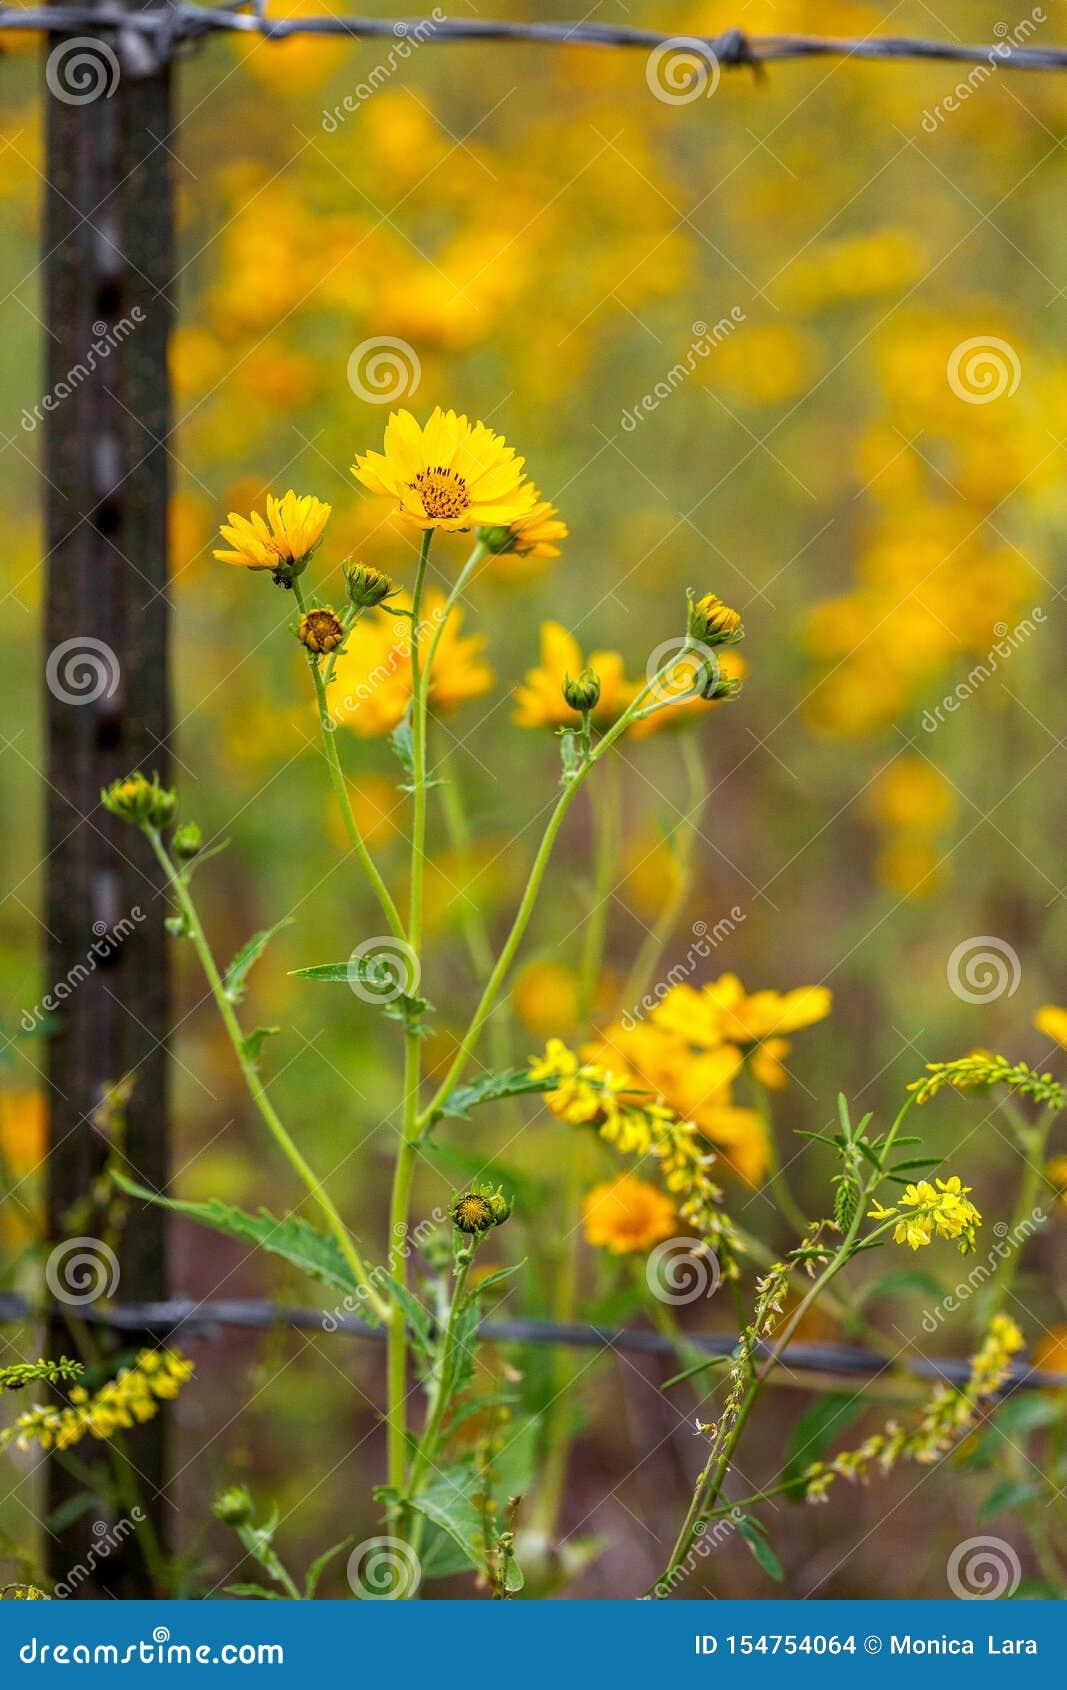 Zonnebloemen op buiten Barb Wire Fence Closeup